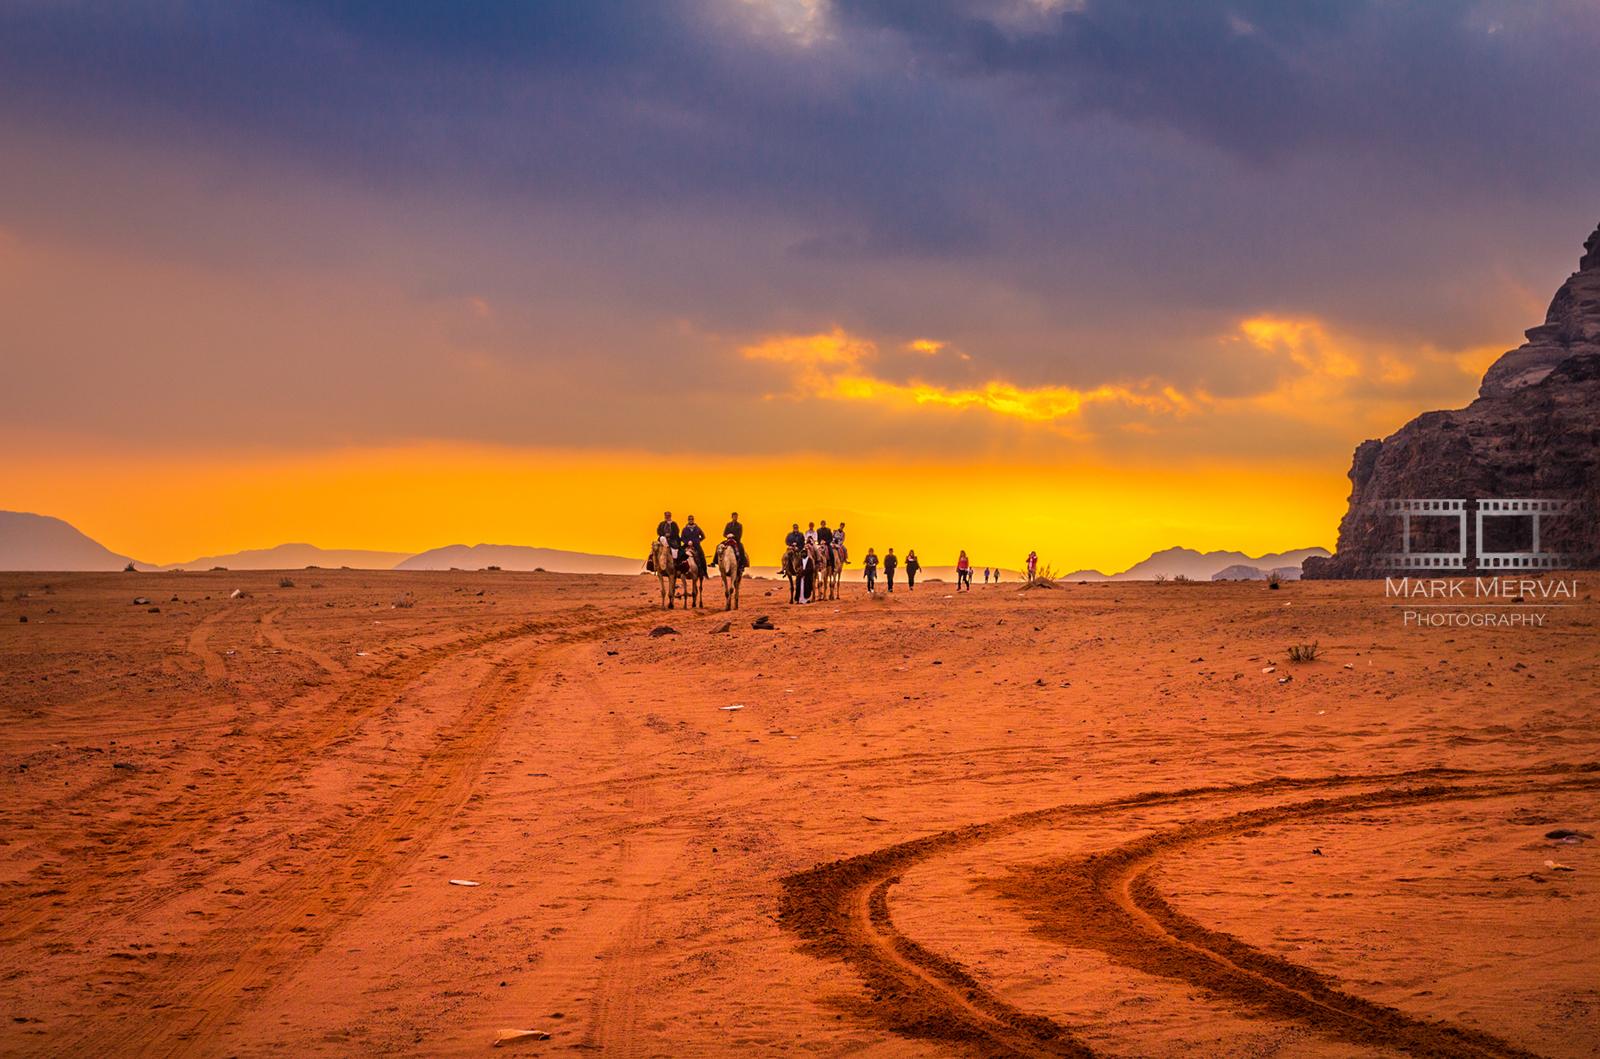 jordanian kultúra randi okok, hogy ne online társkereső